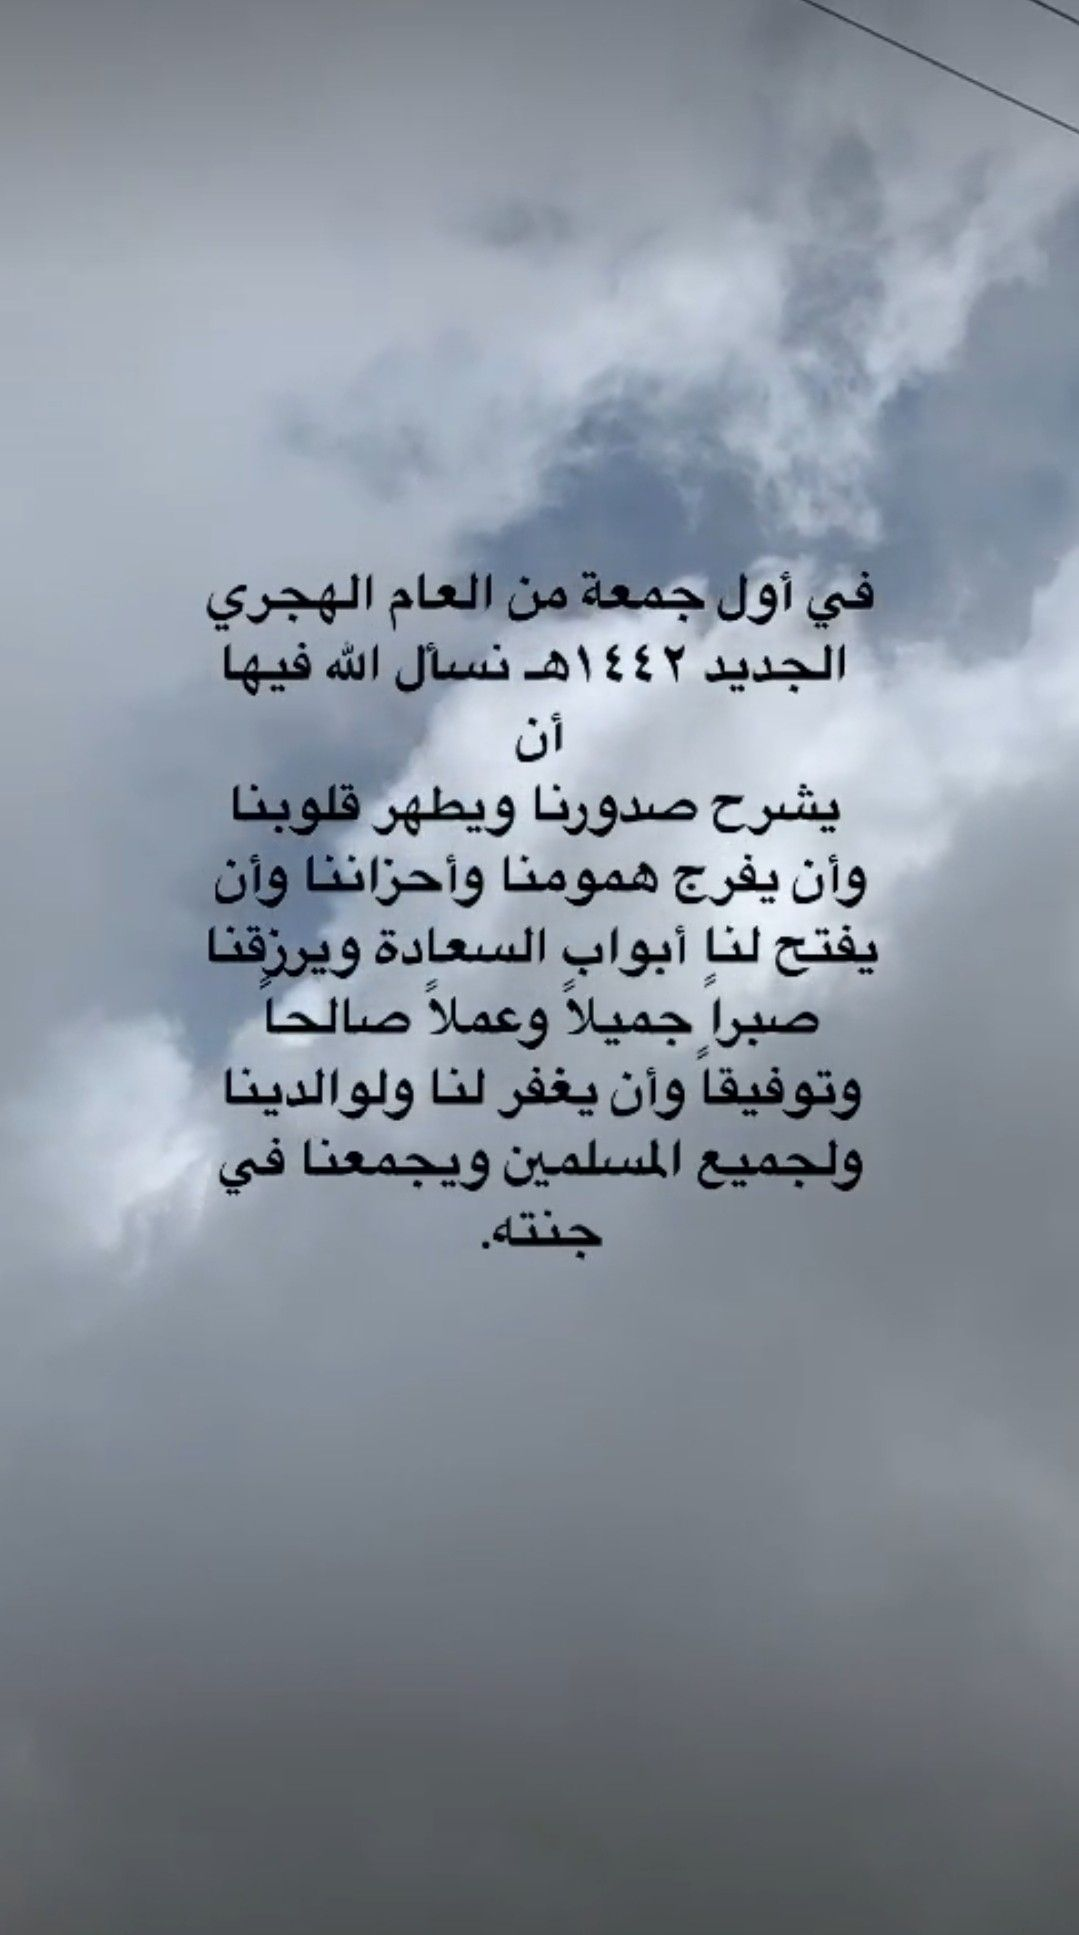 اللهم اكتب لنا أياما مقبلة جميلة ترسم لنا السعادة بتفاصيلها Snapchat Islam Calligraphy